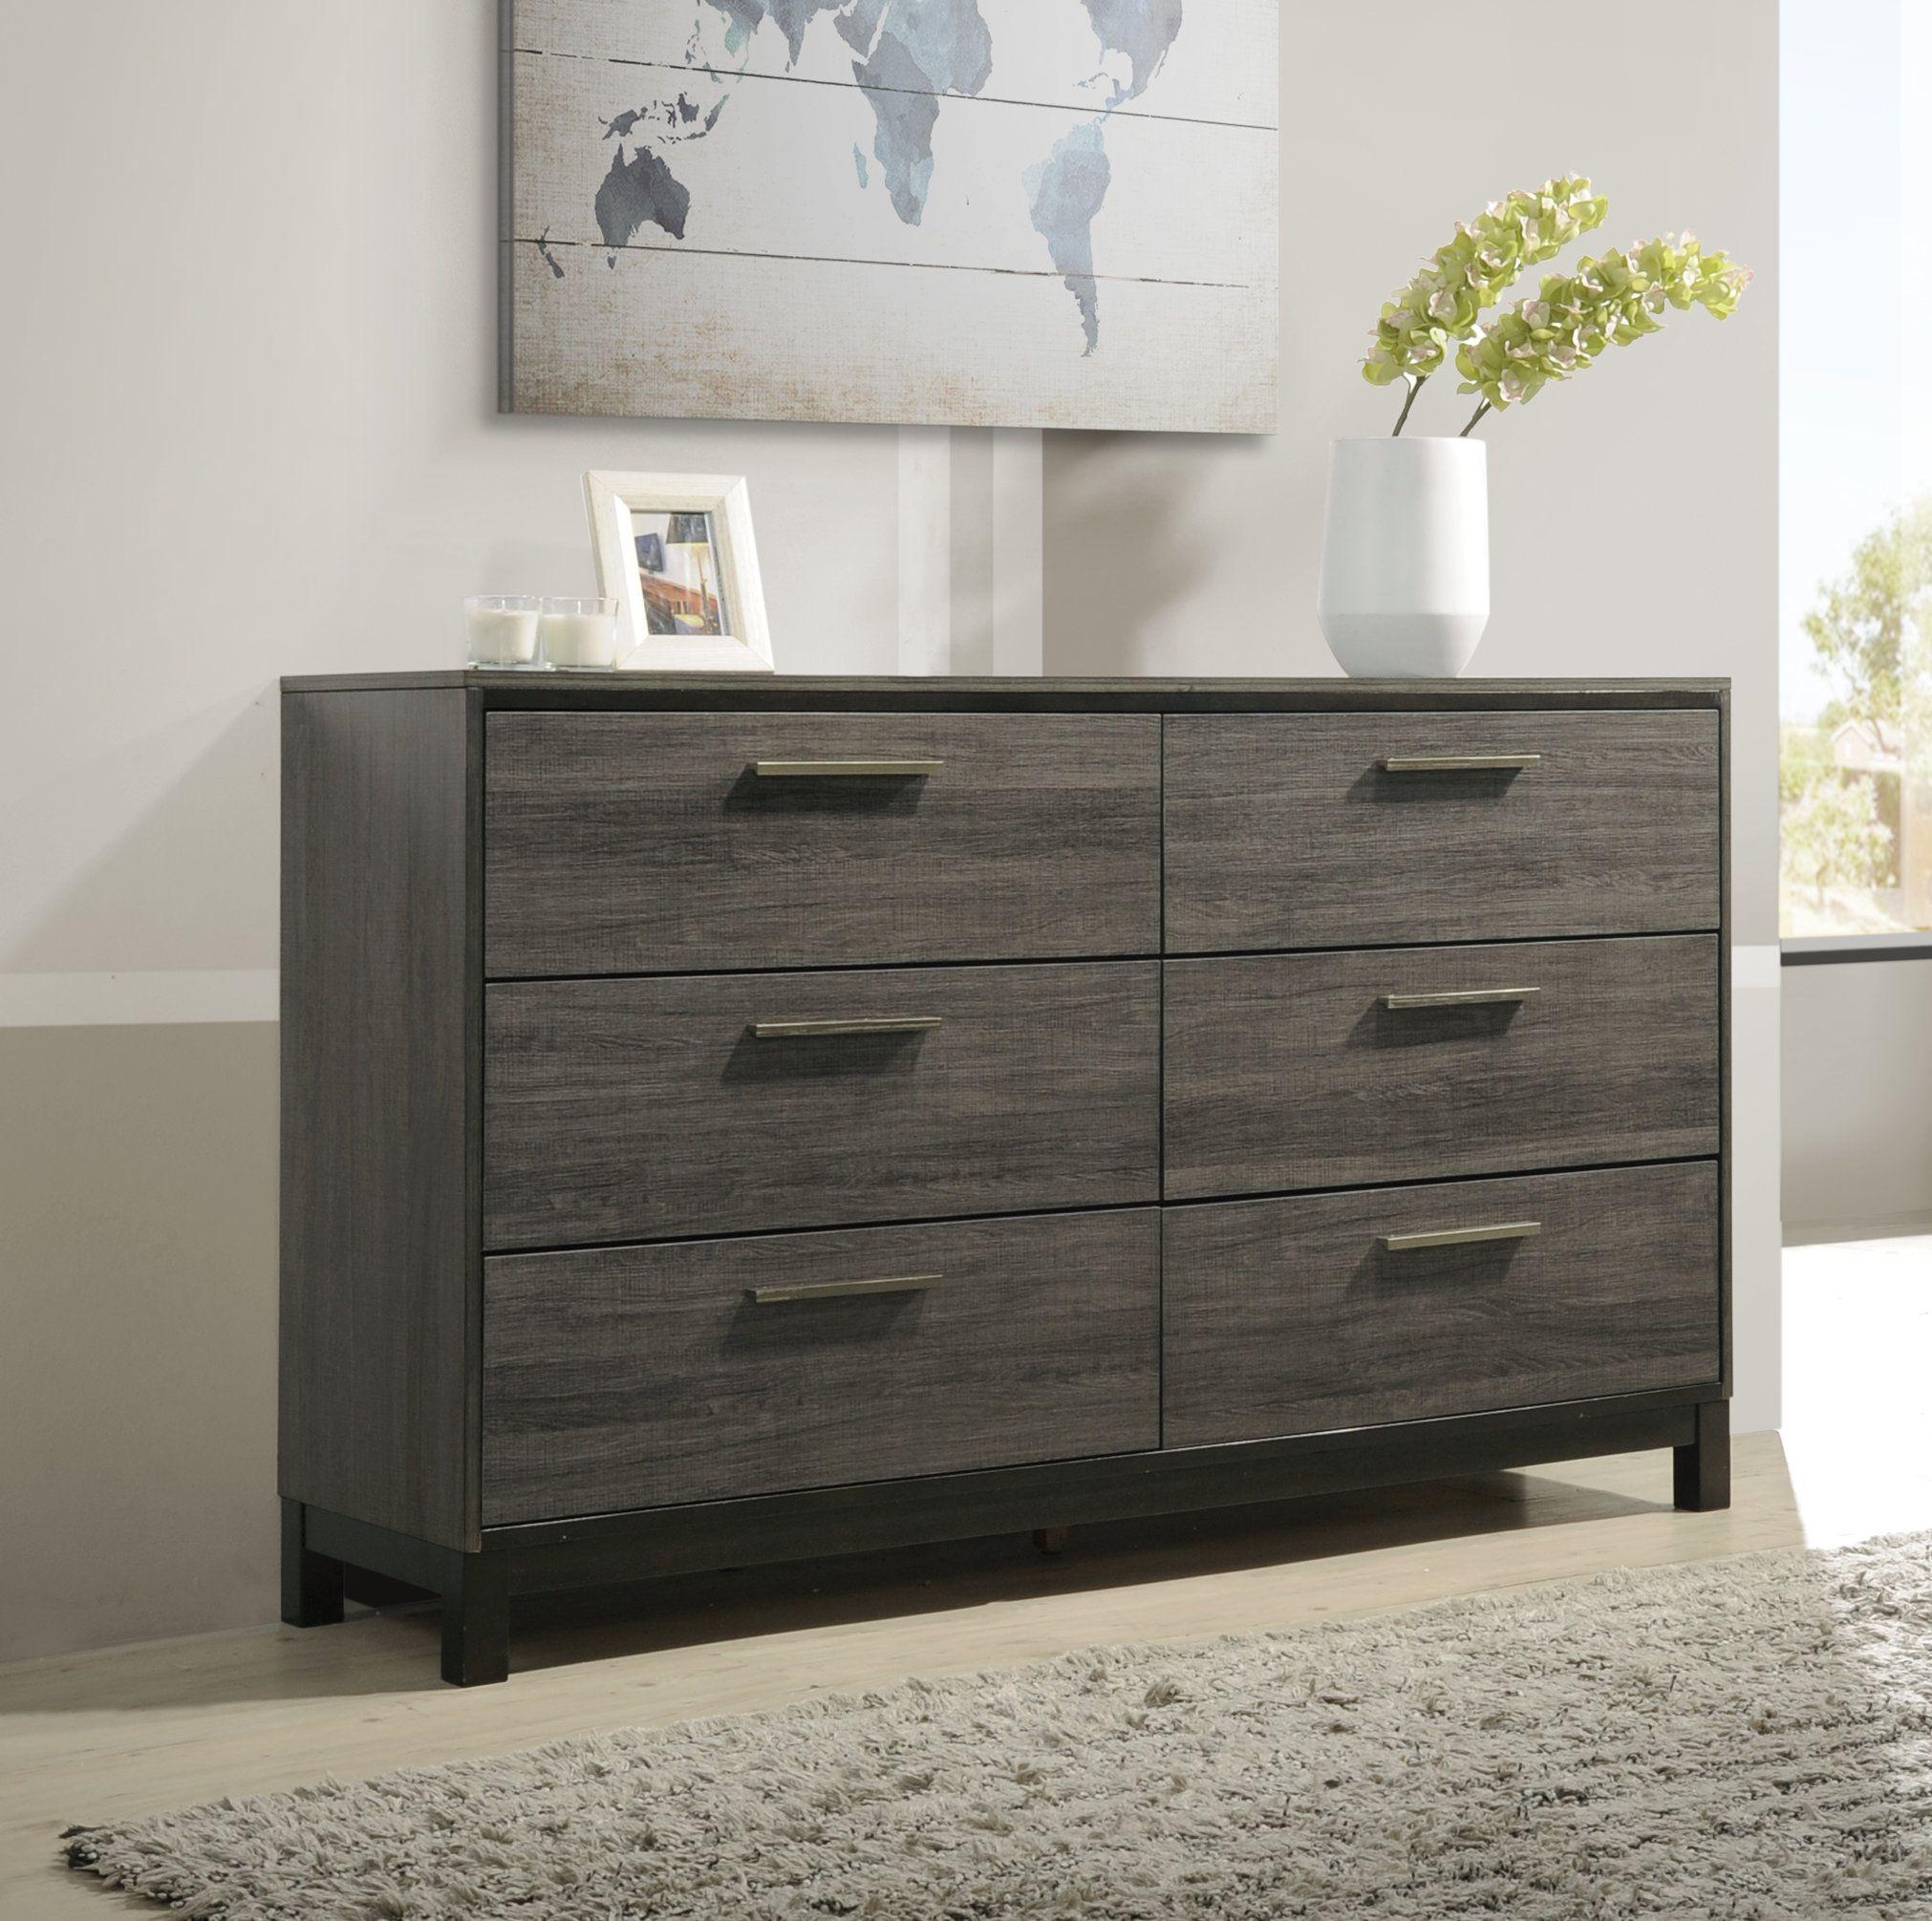 Mandy 6 Drawer Double Dresser Furniture Bedroom Furniture Sets 5 Piece Bedroom Set [ 2011 x 2022 Pixel ]